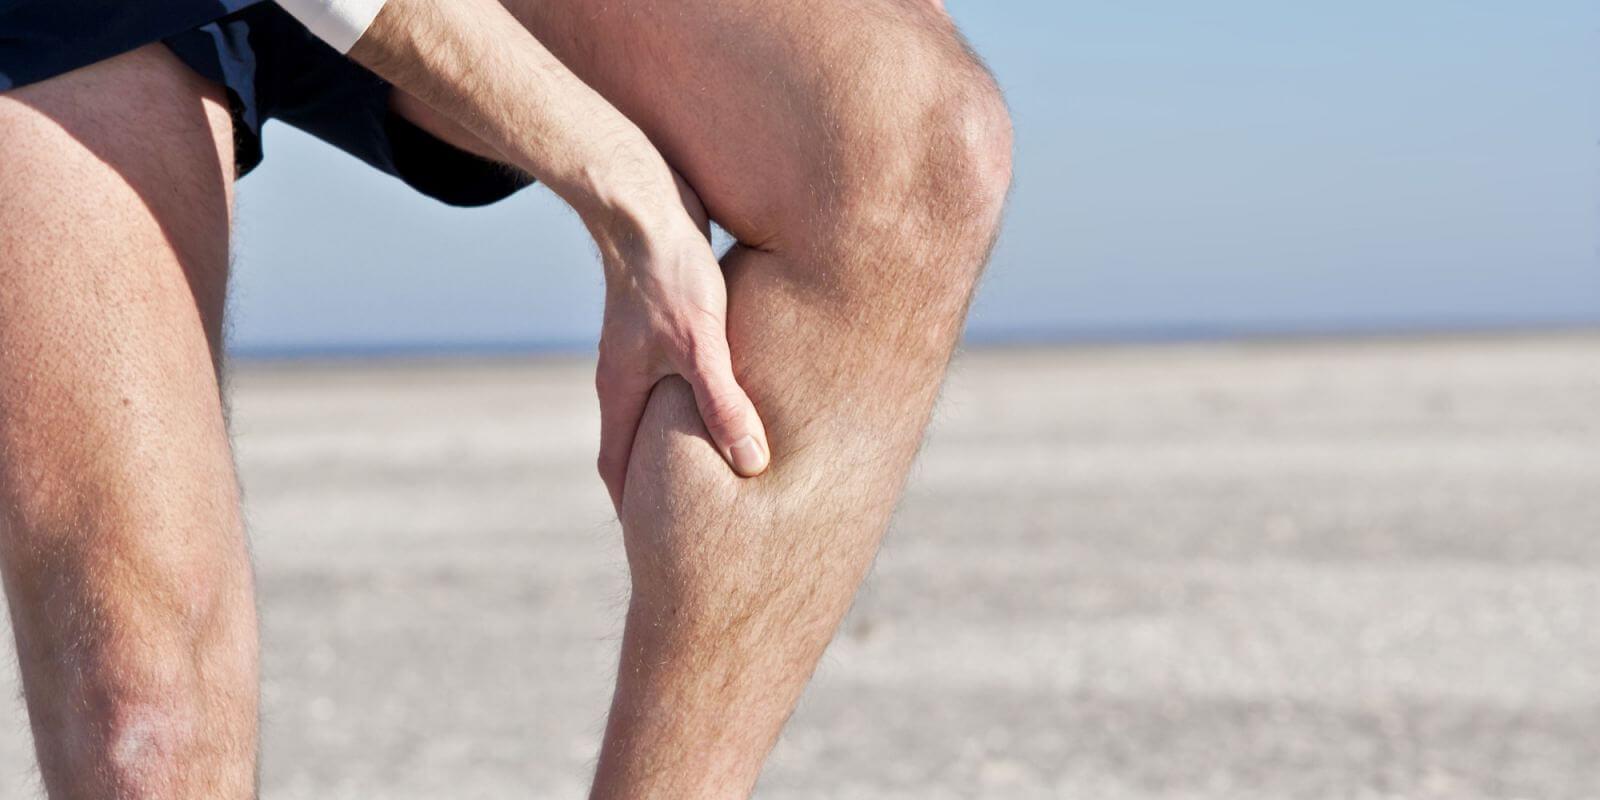 Мышцы на ногах могут дергаться по разным причинам